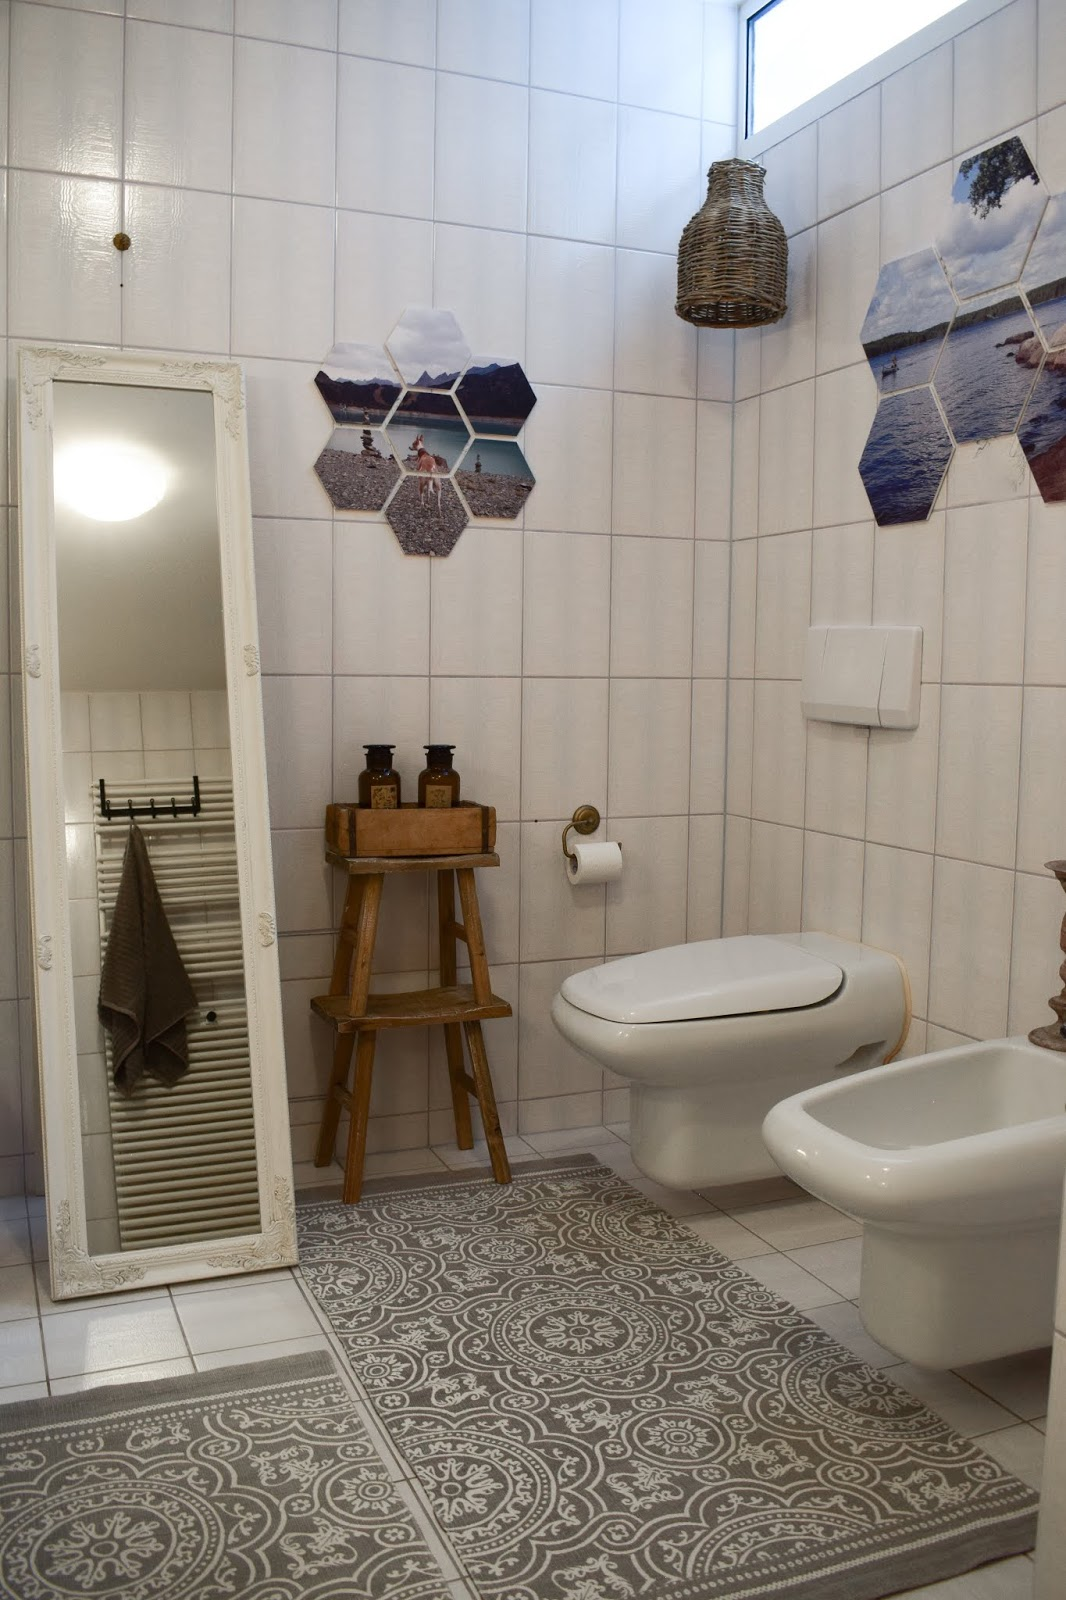 Wandgestaltung mit hexxas von Cewe. Einfach Bild auswählen und an die Wand kleben. Wanddeko für Diele, Badezimmer, Esszimmer, Wohnzimmer, Schlafzimmer. Individuelle Dekoidee mit Hexagonen. hexxa Deko für deine Wände. Selber machen